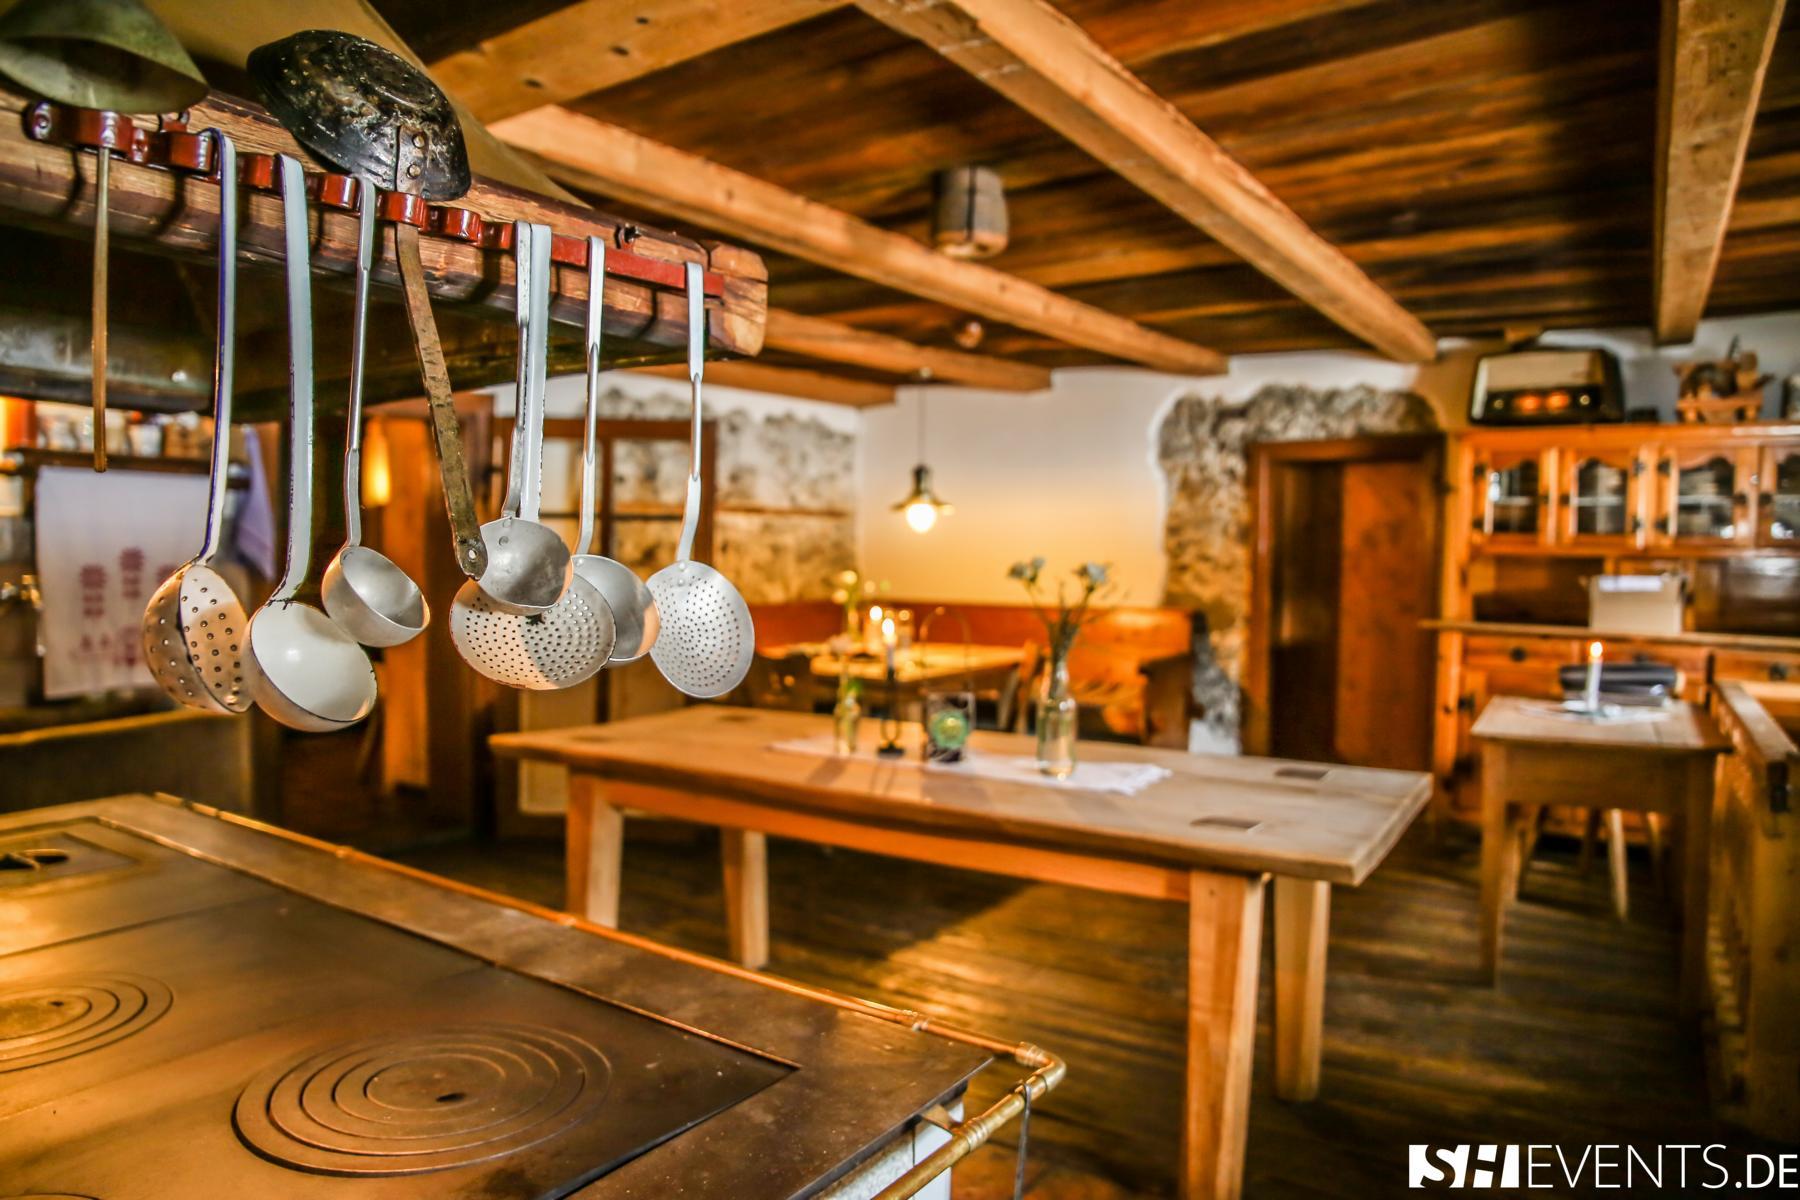 Küche im Berg- und Bauernhaus